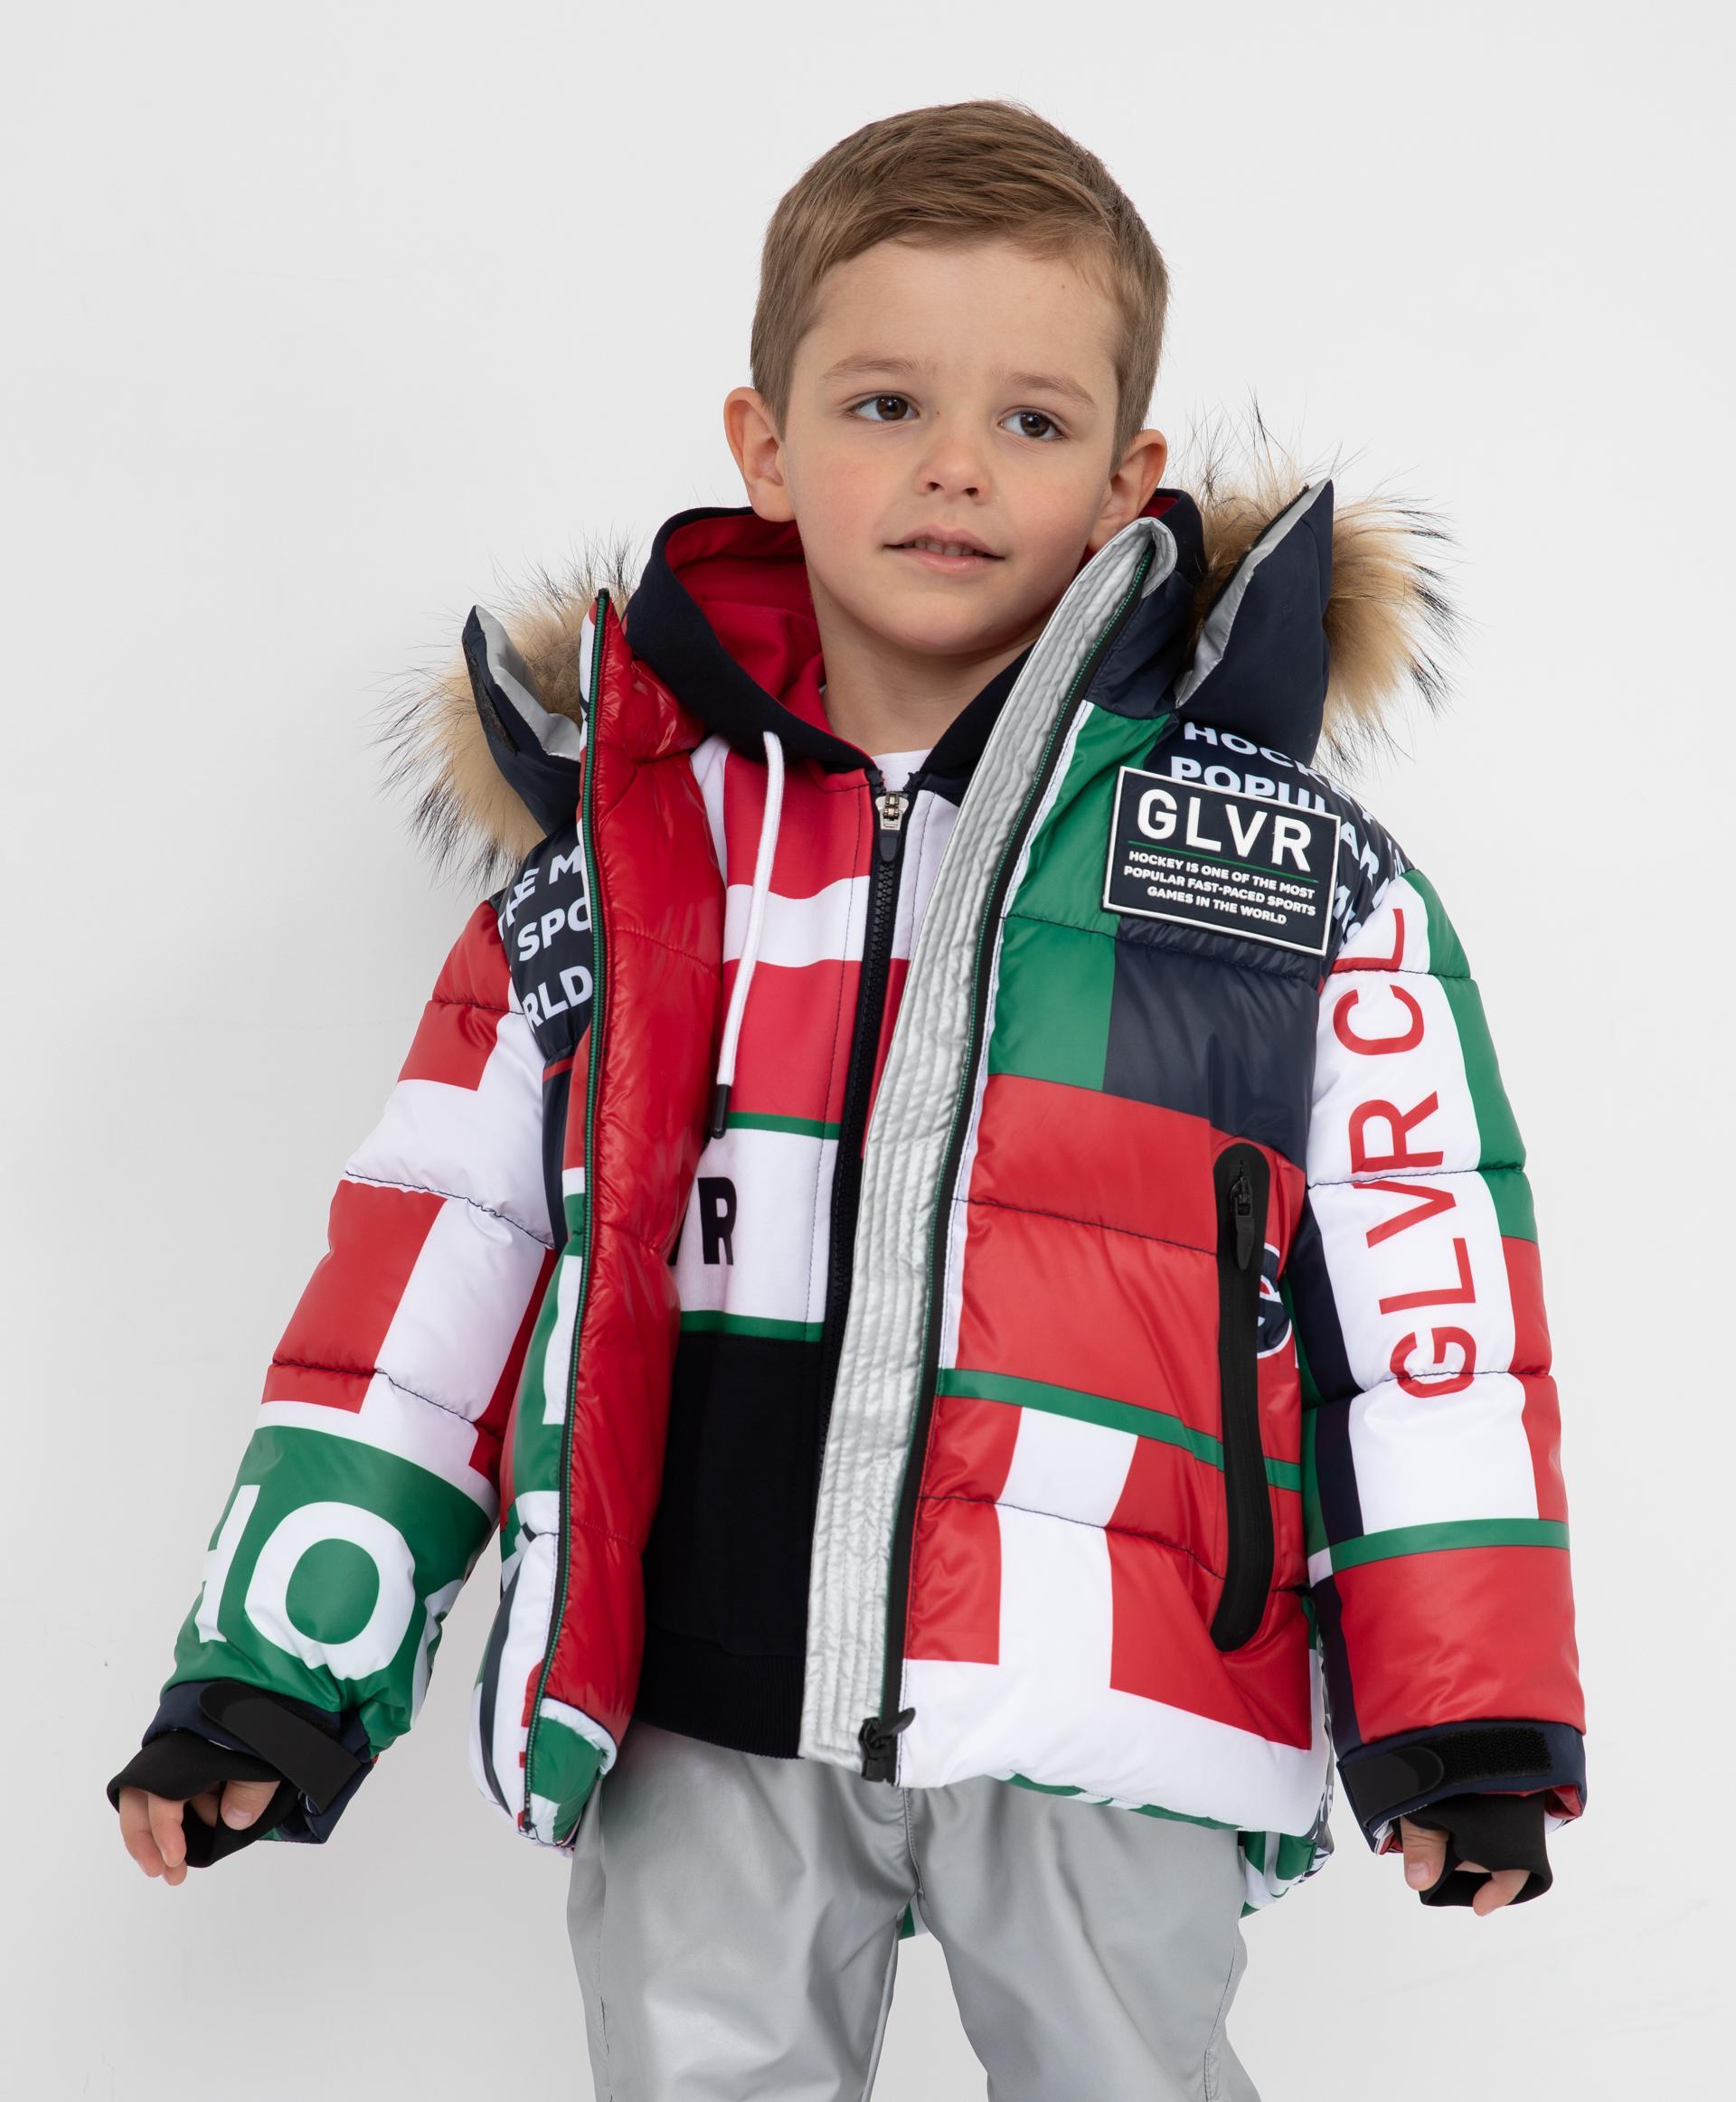 Купить 22106BMC4107, Куртка зимняя с капюшоном Gulliver, мультицвет, 110, Полиэстер, Мужской, Зима, ОСЕНЬ/ЗИМА 2021-2022 (shop: GulliverMarket Gulliver Market)